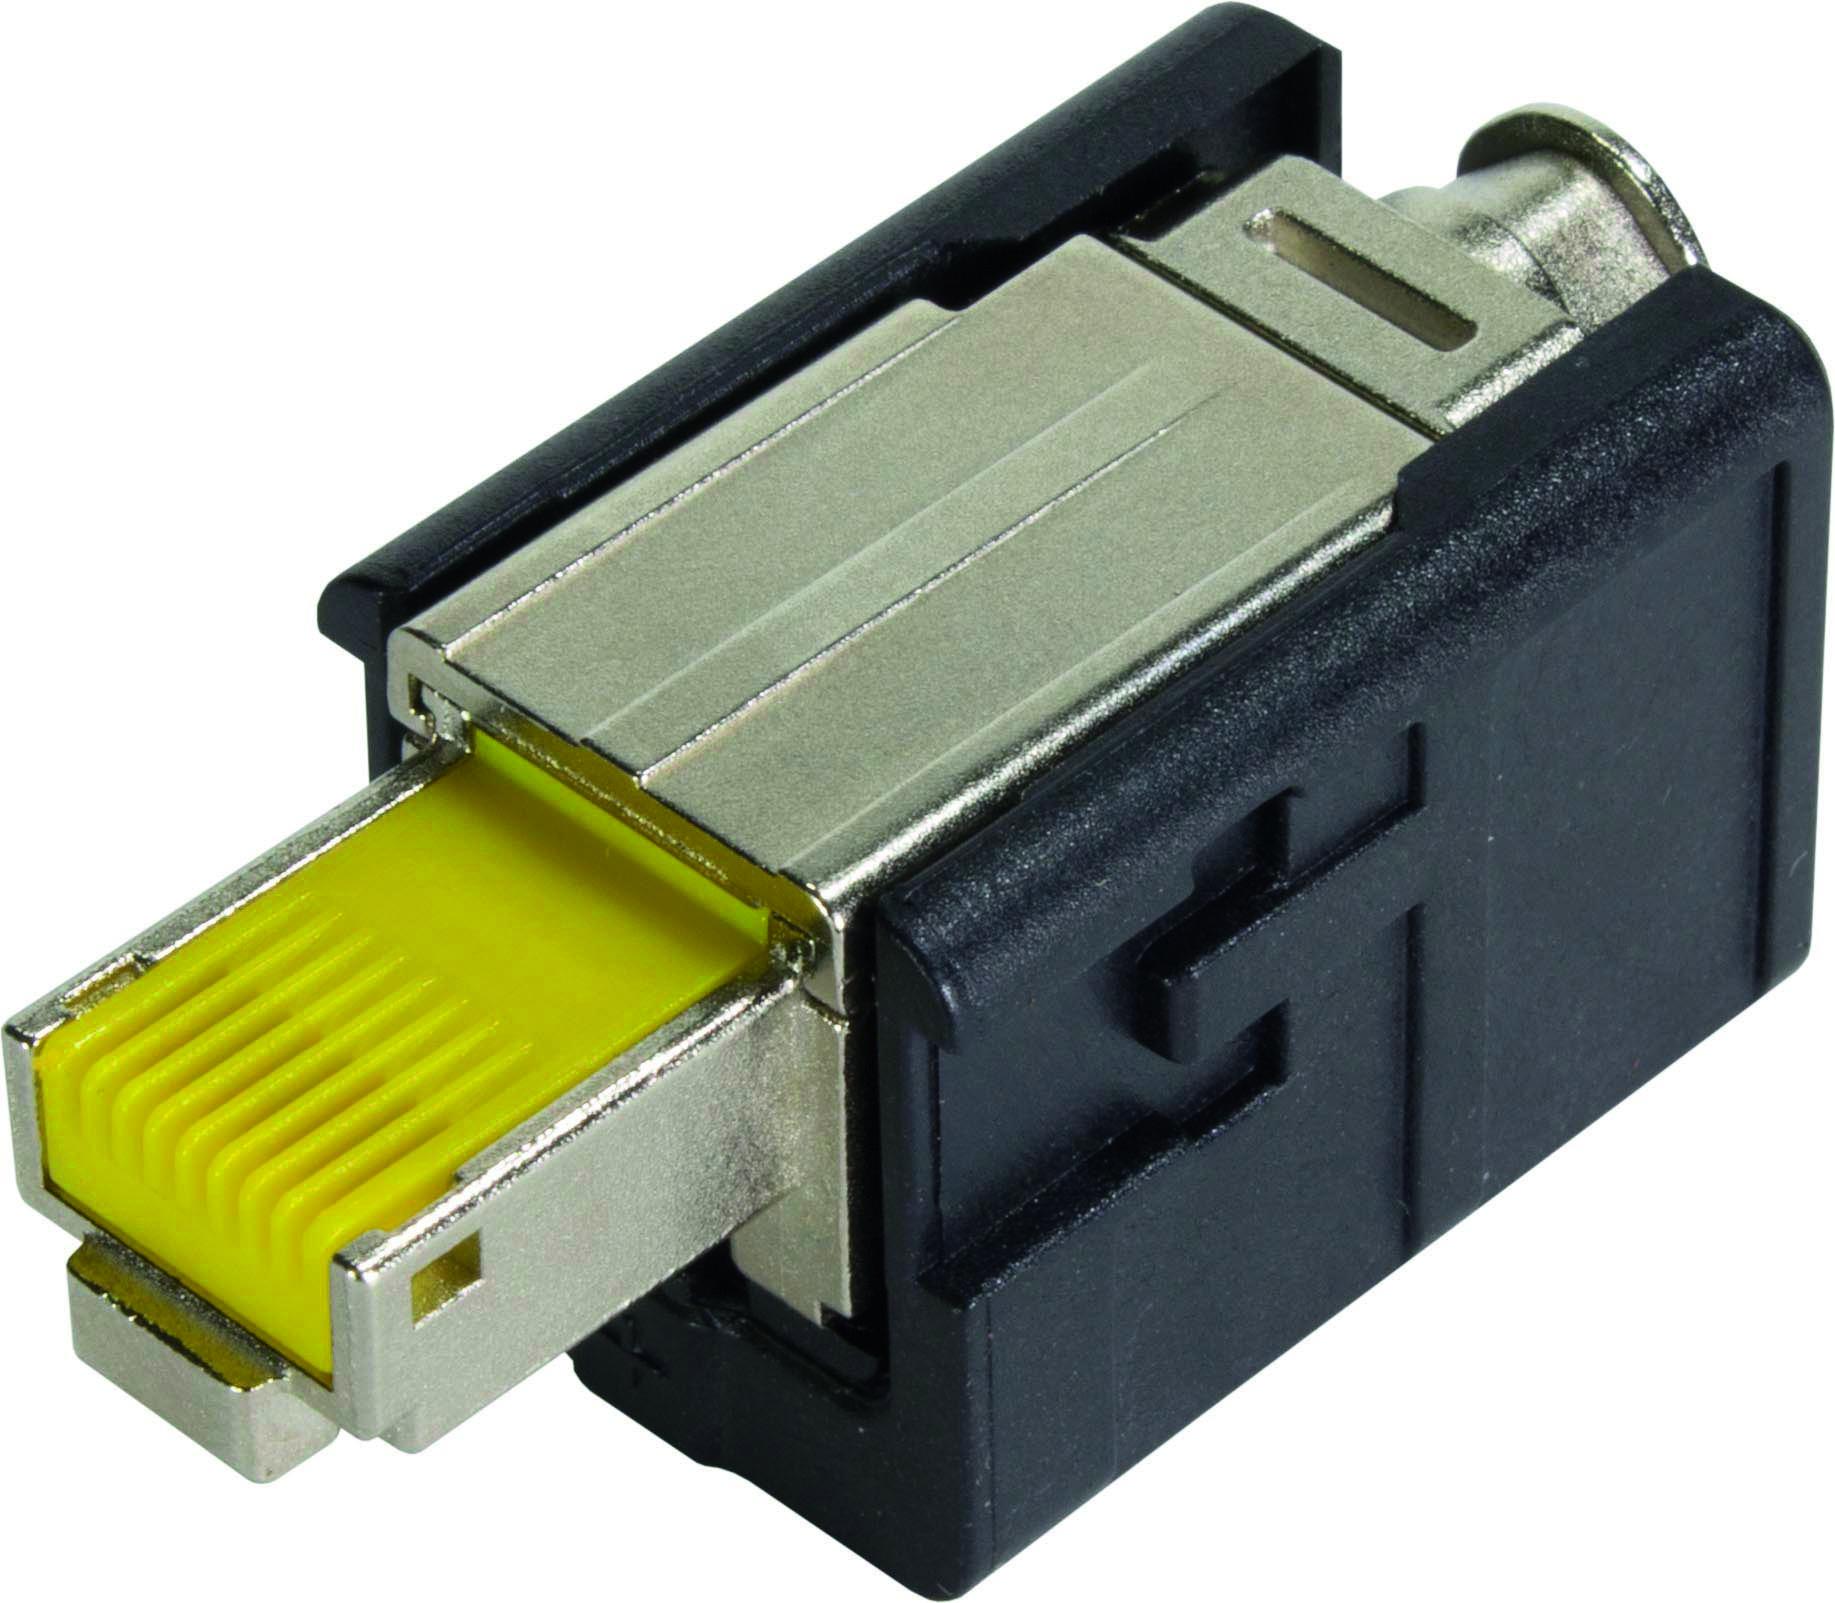 1 Stk WireXpert - RJ45 HAN 3A Stecker für preLink® System HMSWXZC08-